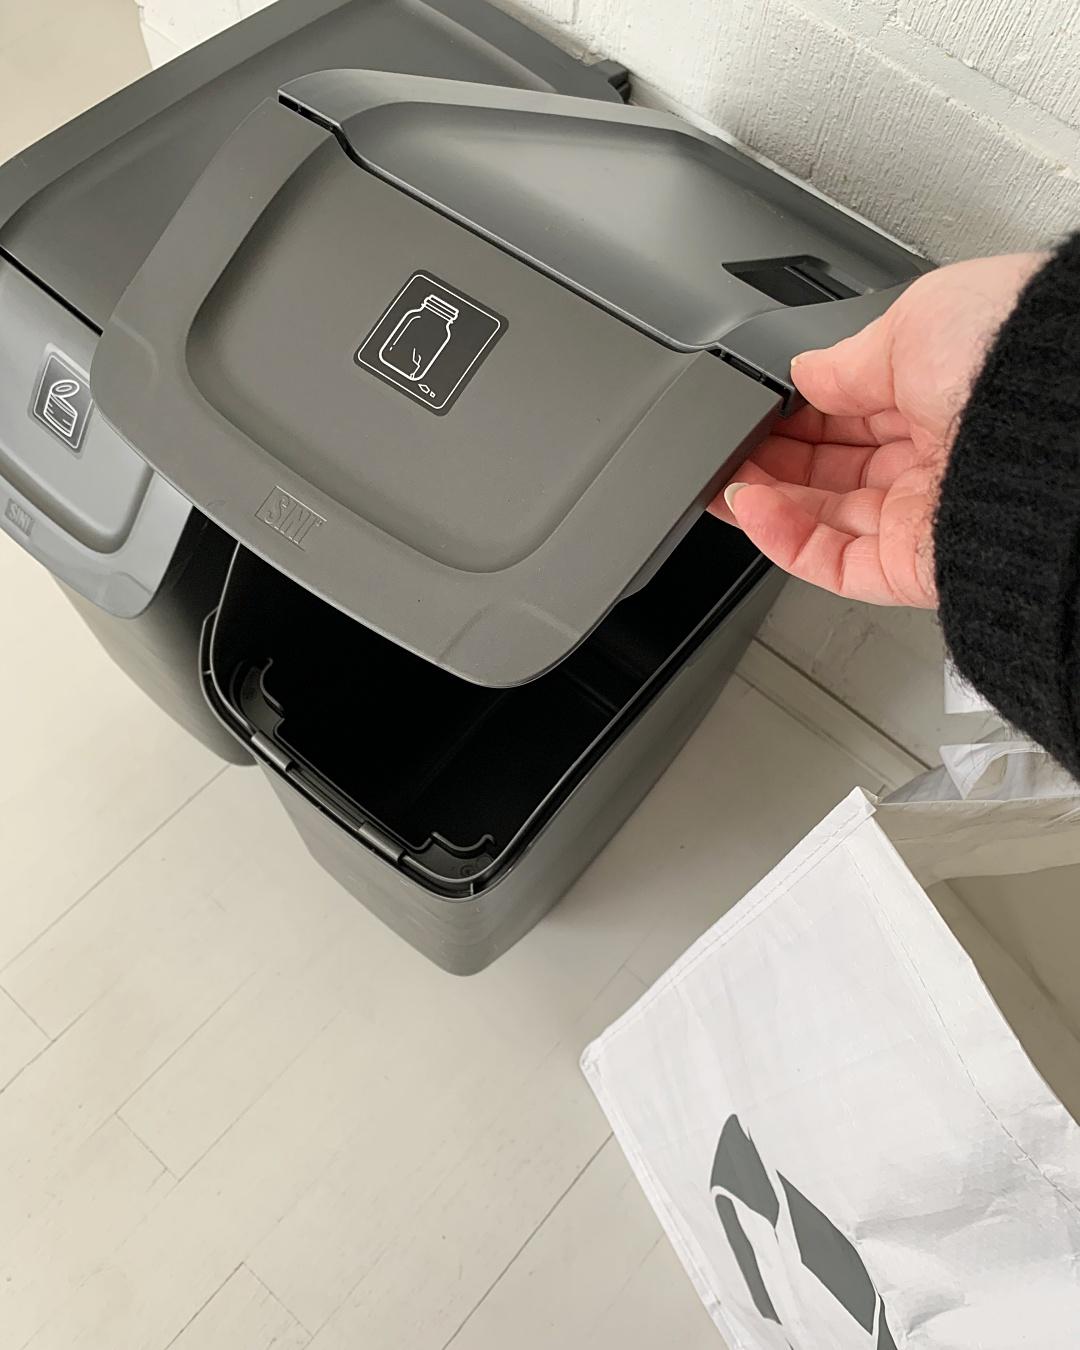 Kierrätysastia